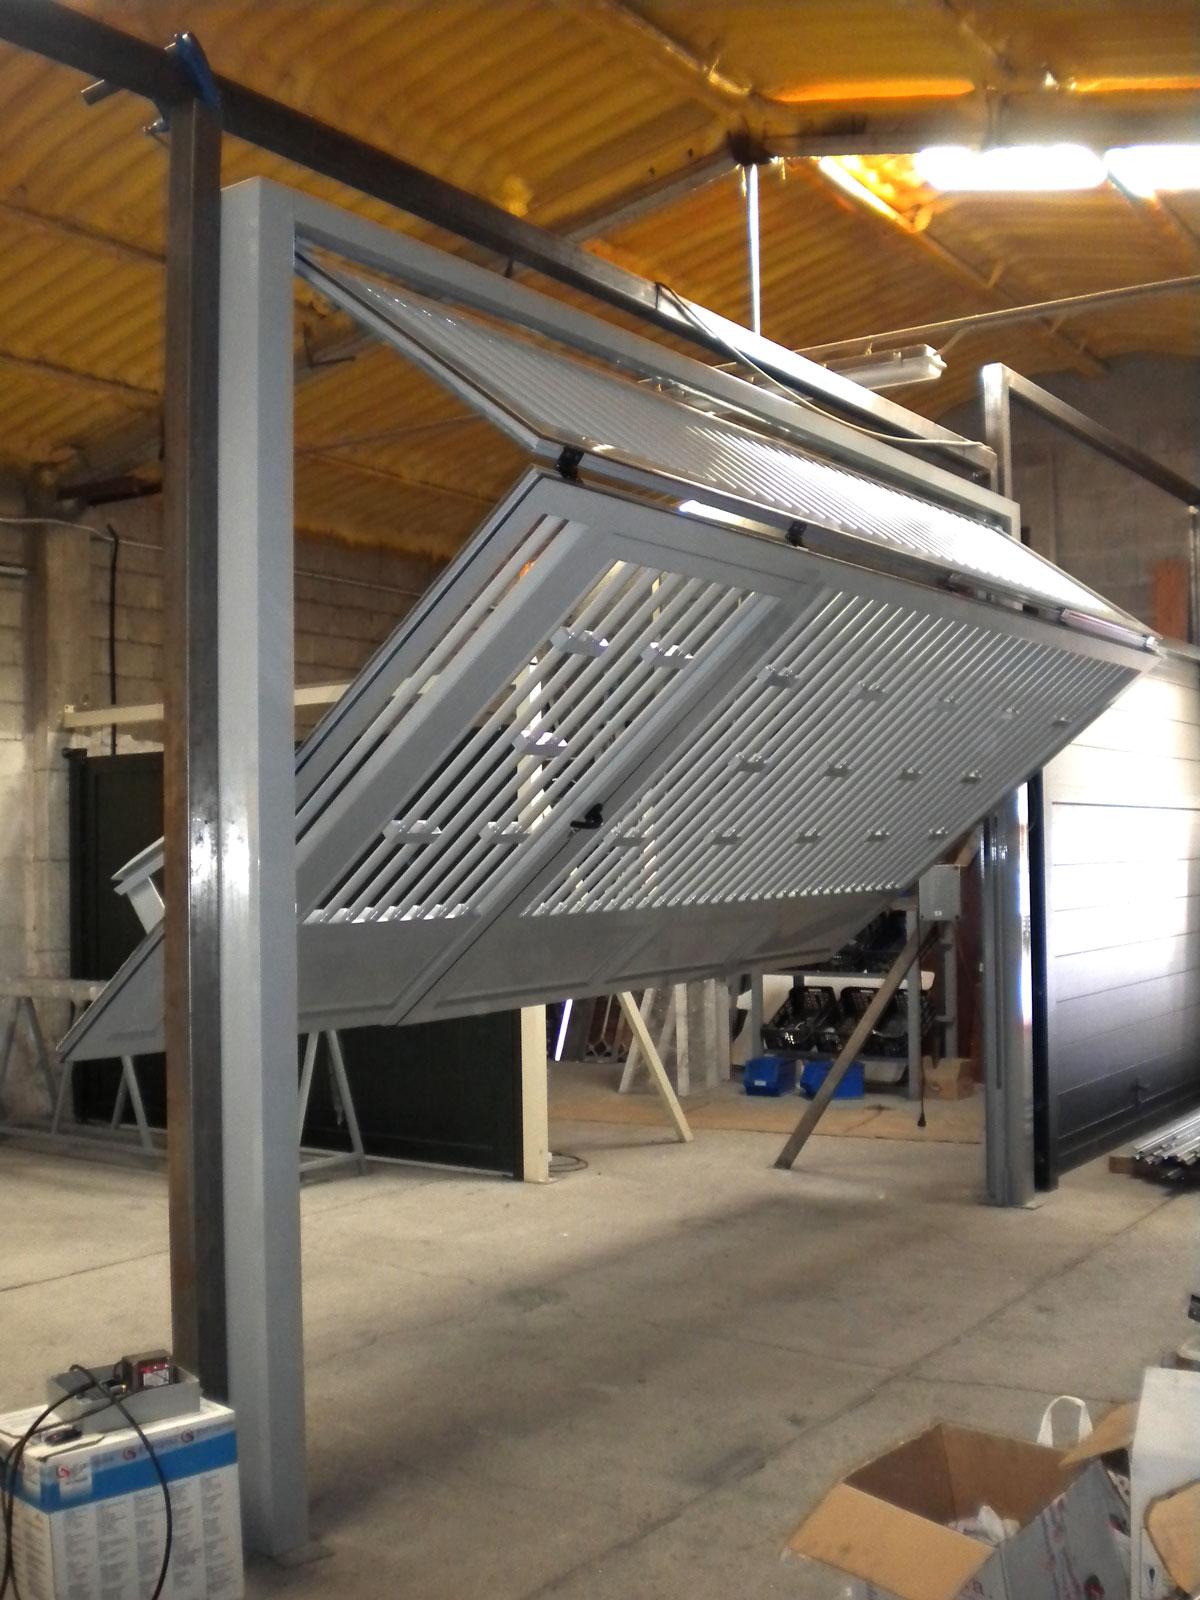 Puertas de garaje malaga ideas de disenos for Puertas metalicas malaga